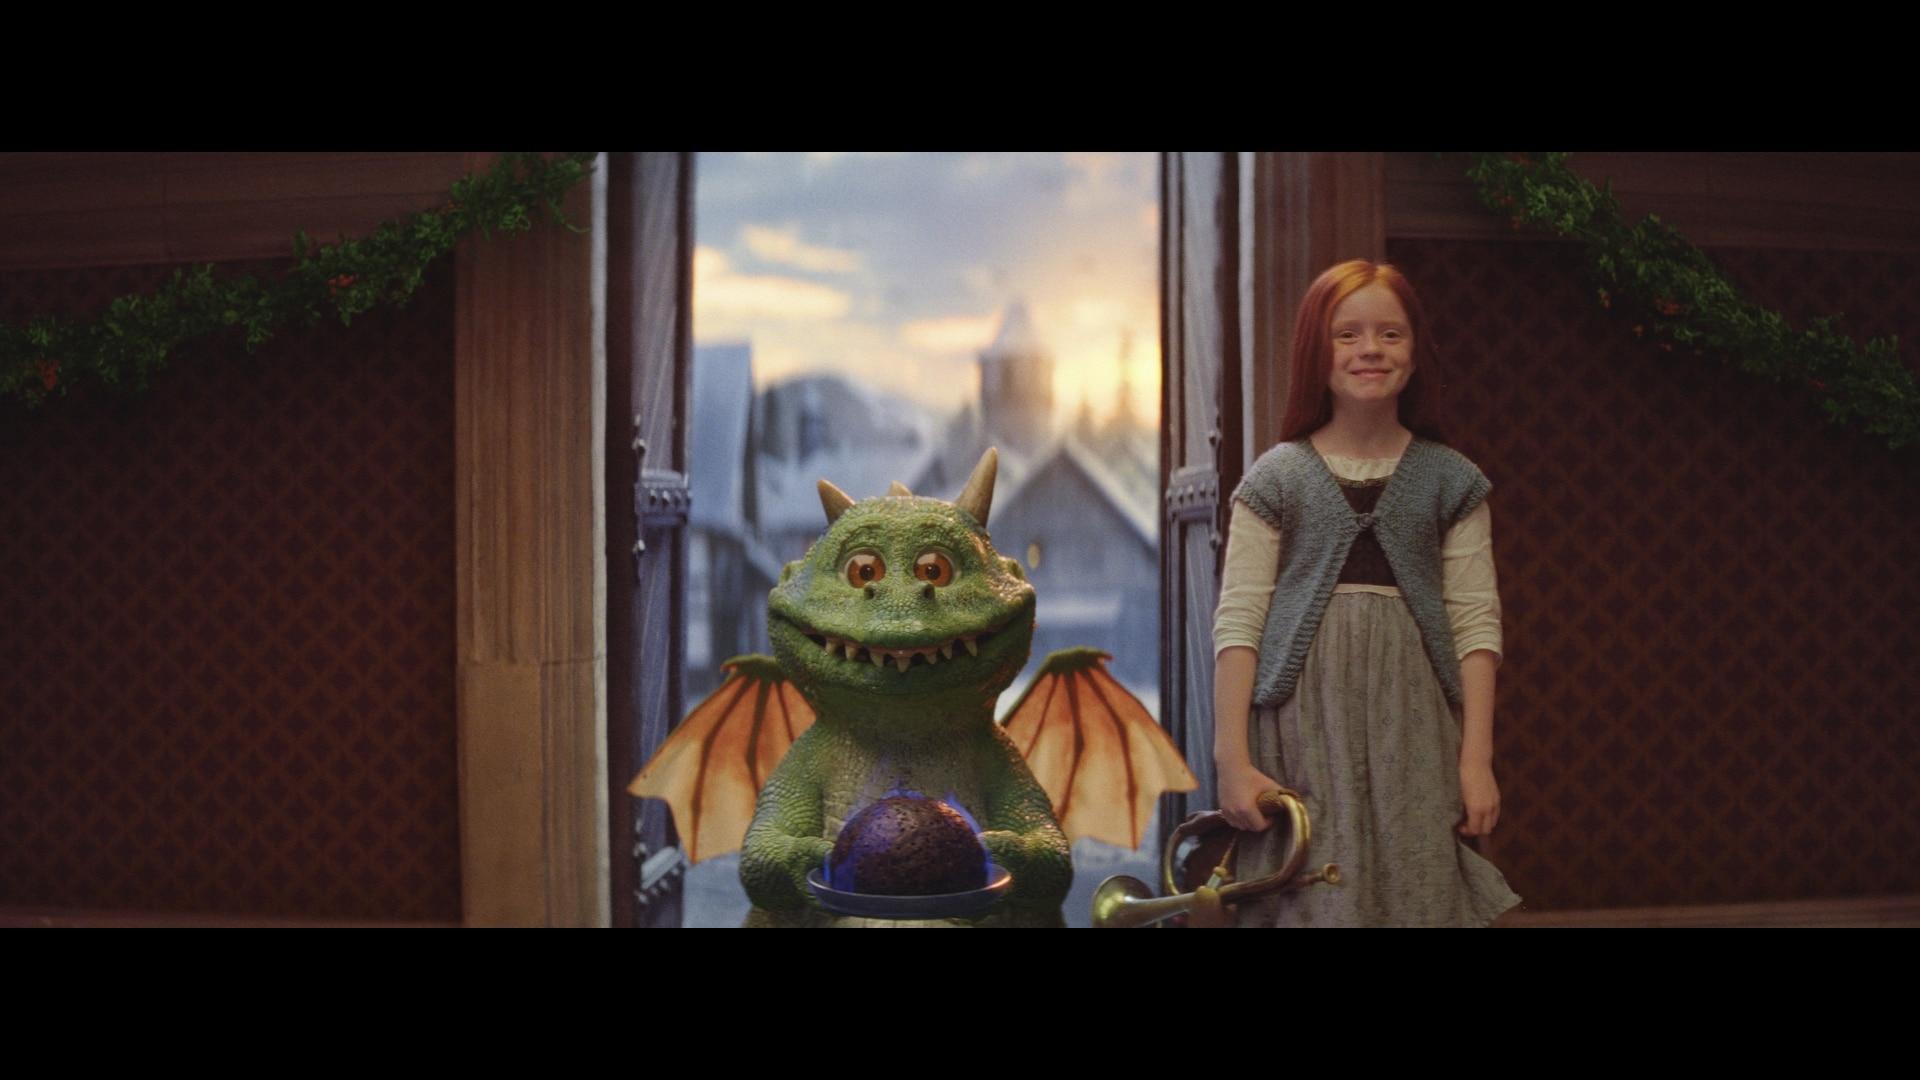 John Lewis' Christmas advert revealed 2019, Excitable Edgar Waitrose #WeArePartners